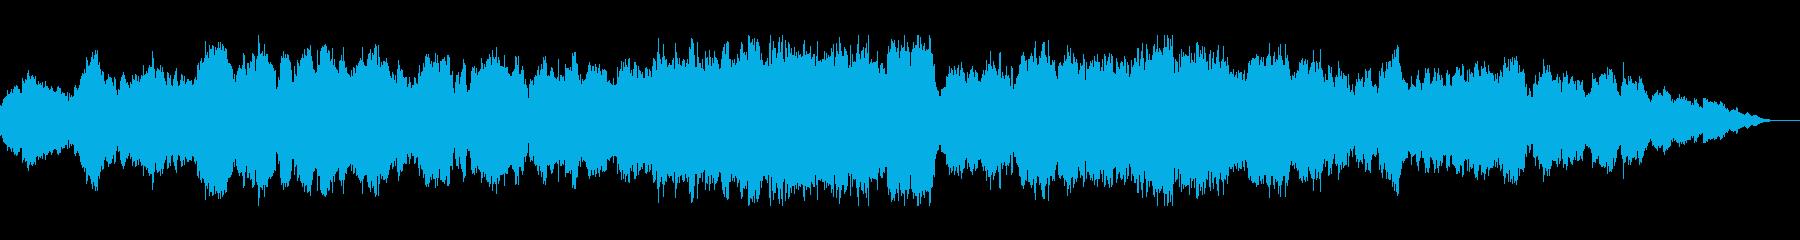 ゆっくりしたオーケストラの曲の再生済みの波形